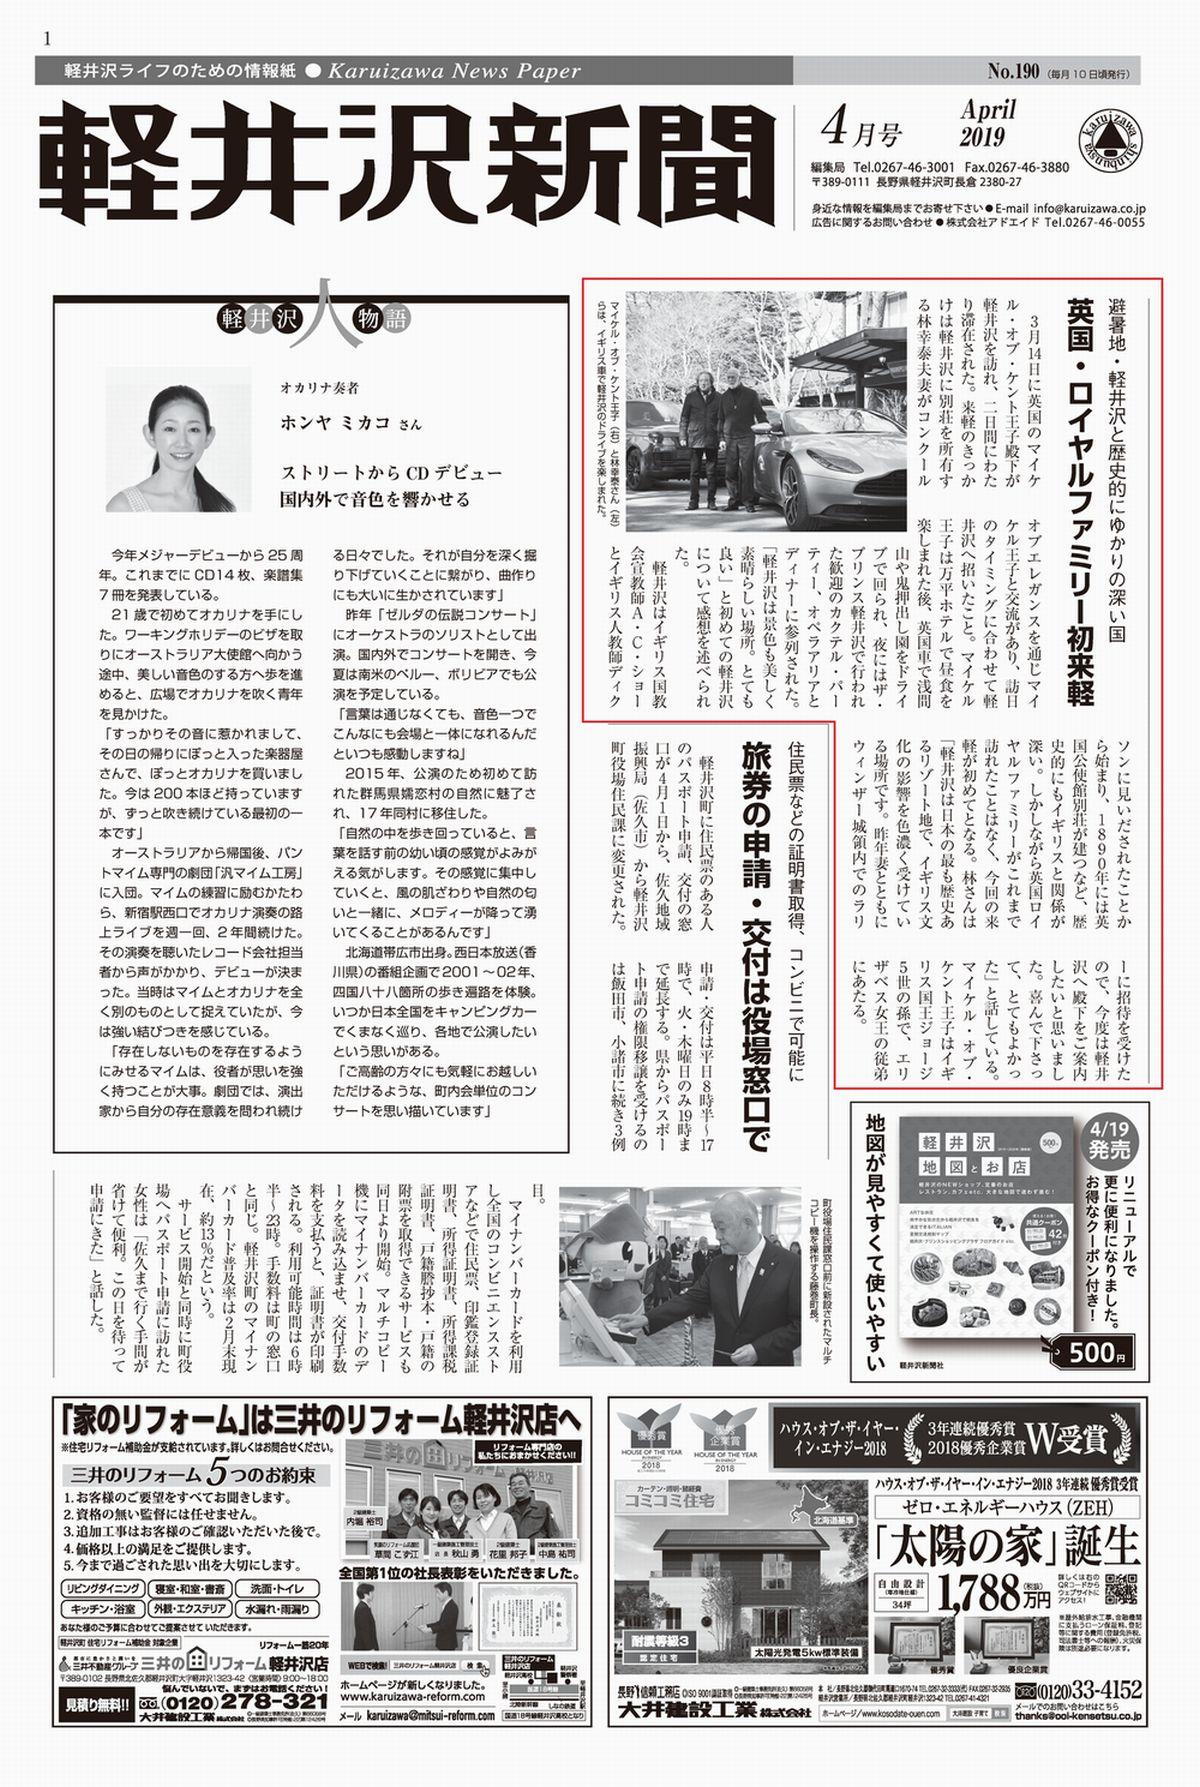 『軽井沢新聞』記事掲載